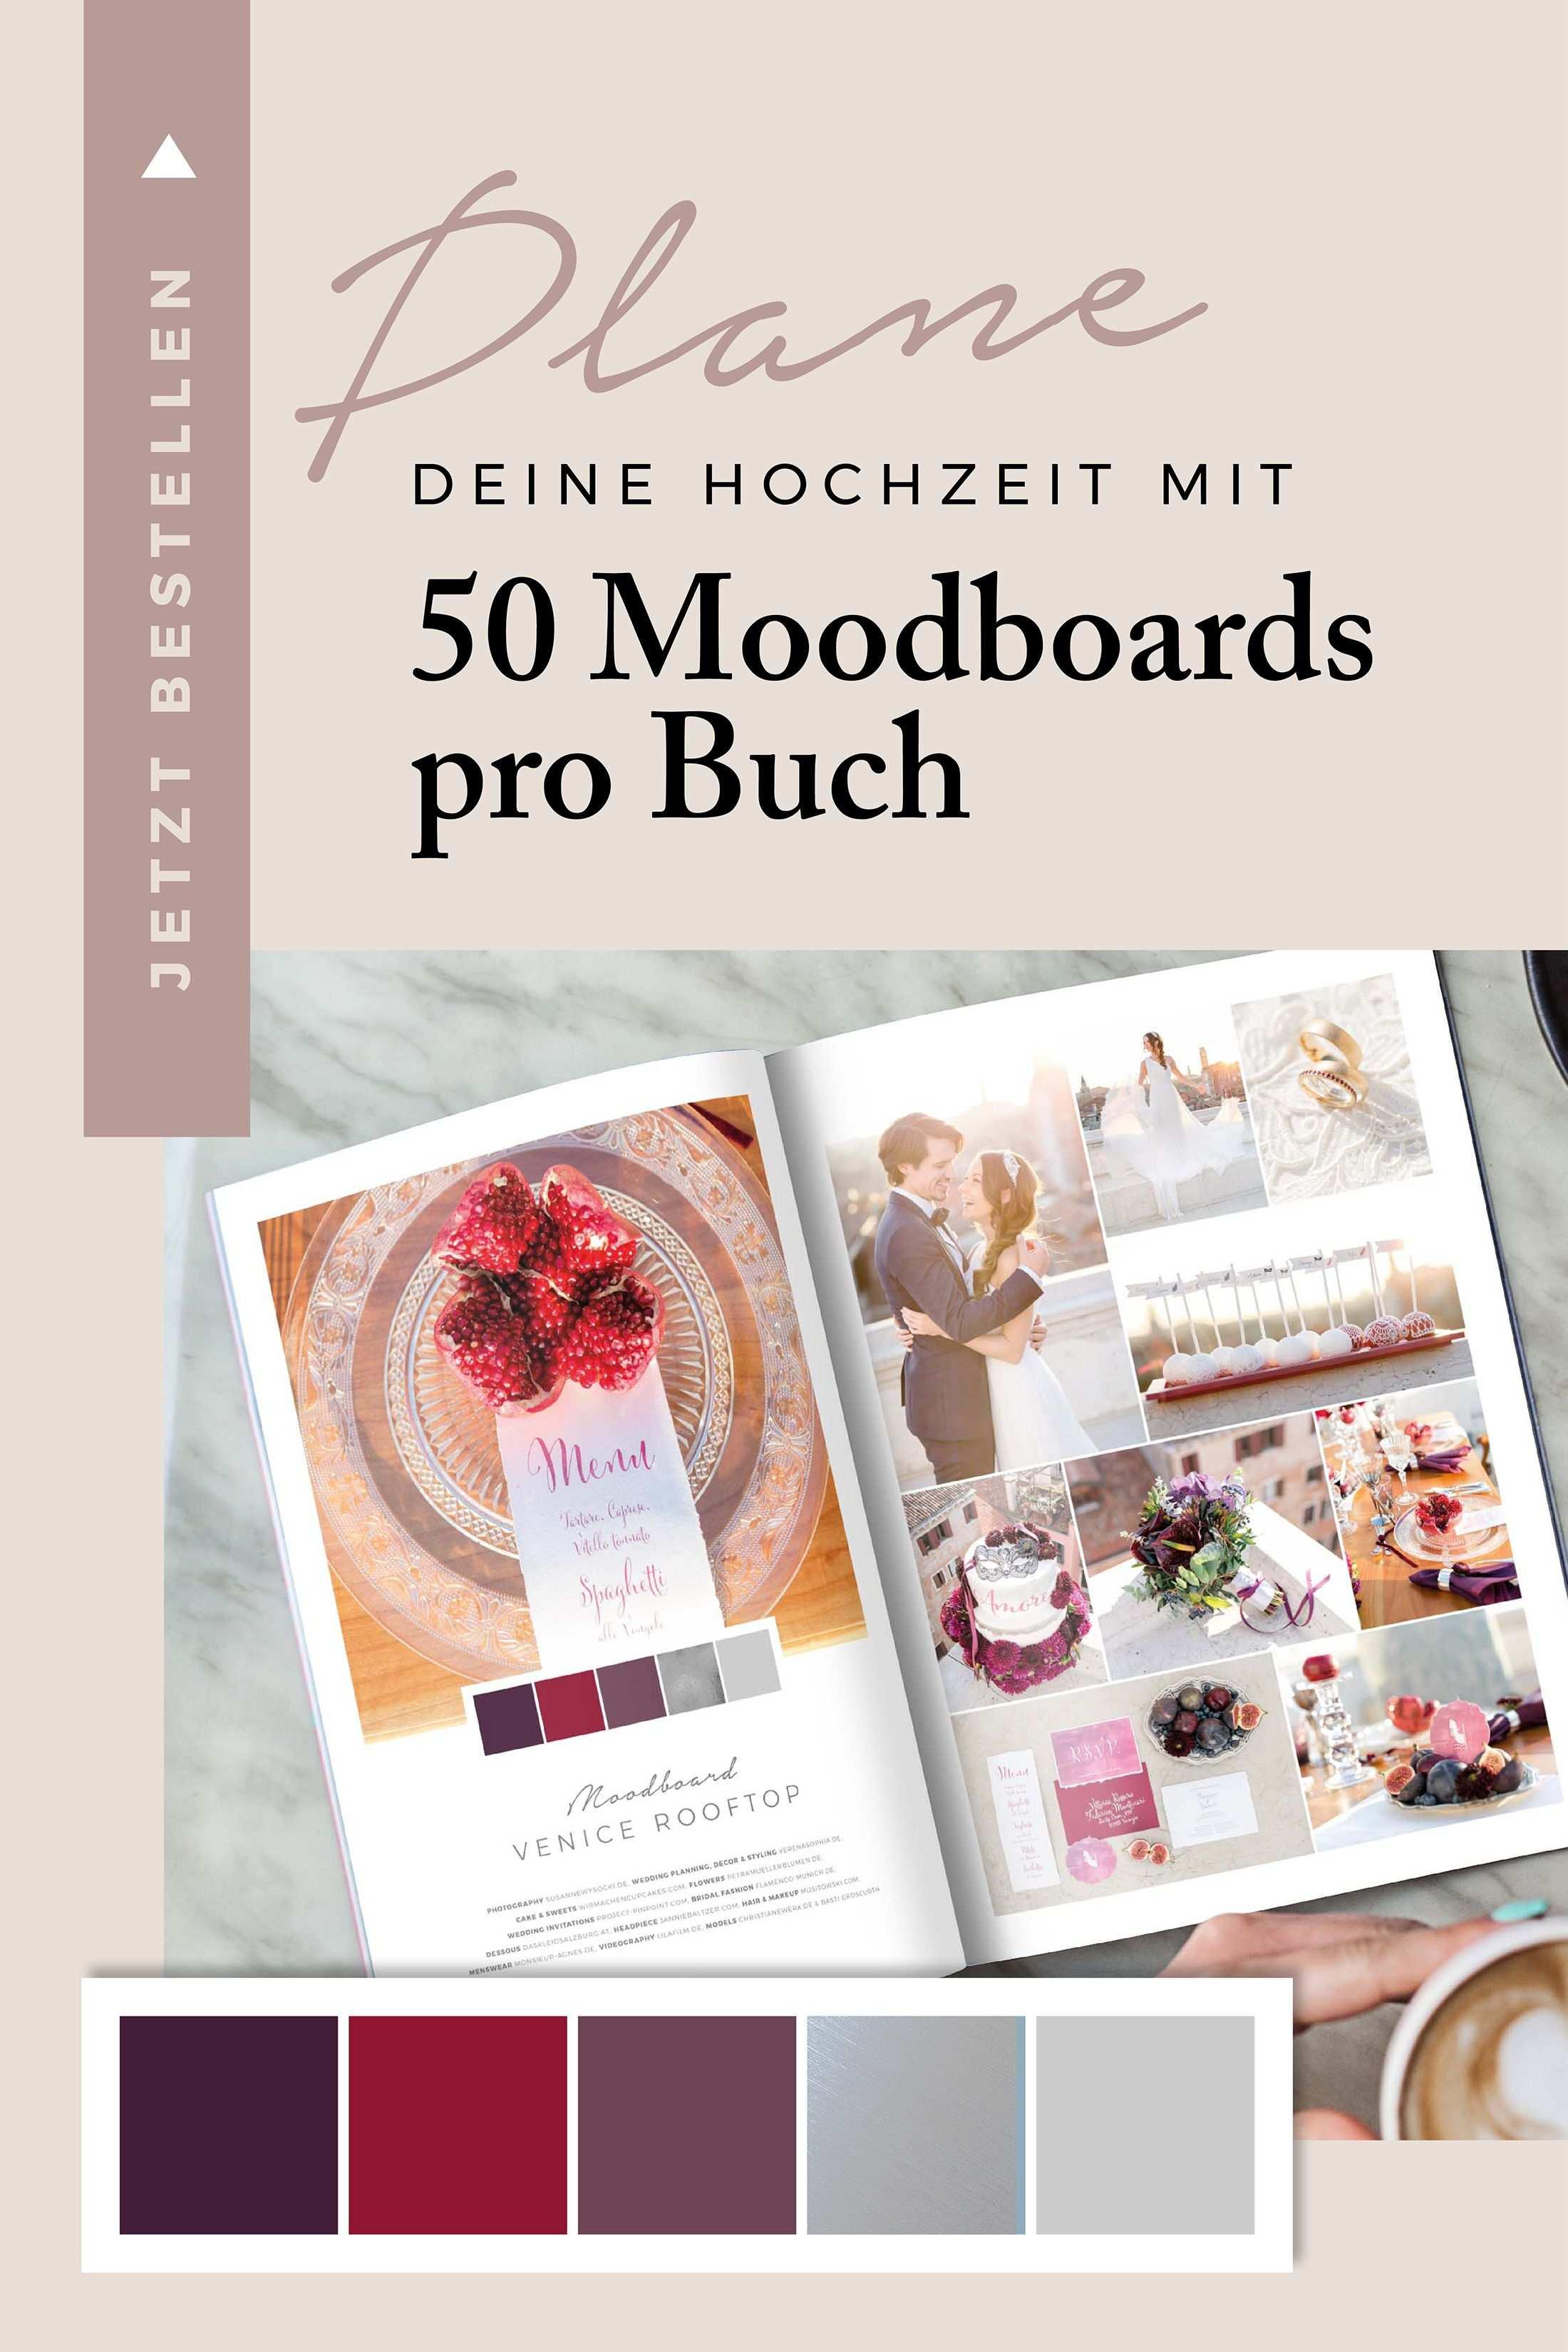 Plane Deine Hochzeit Mit 50 Moodboards In 2020 Hochzeitsbuch Hochzeit Hochzeitseinladung